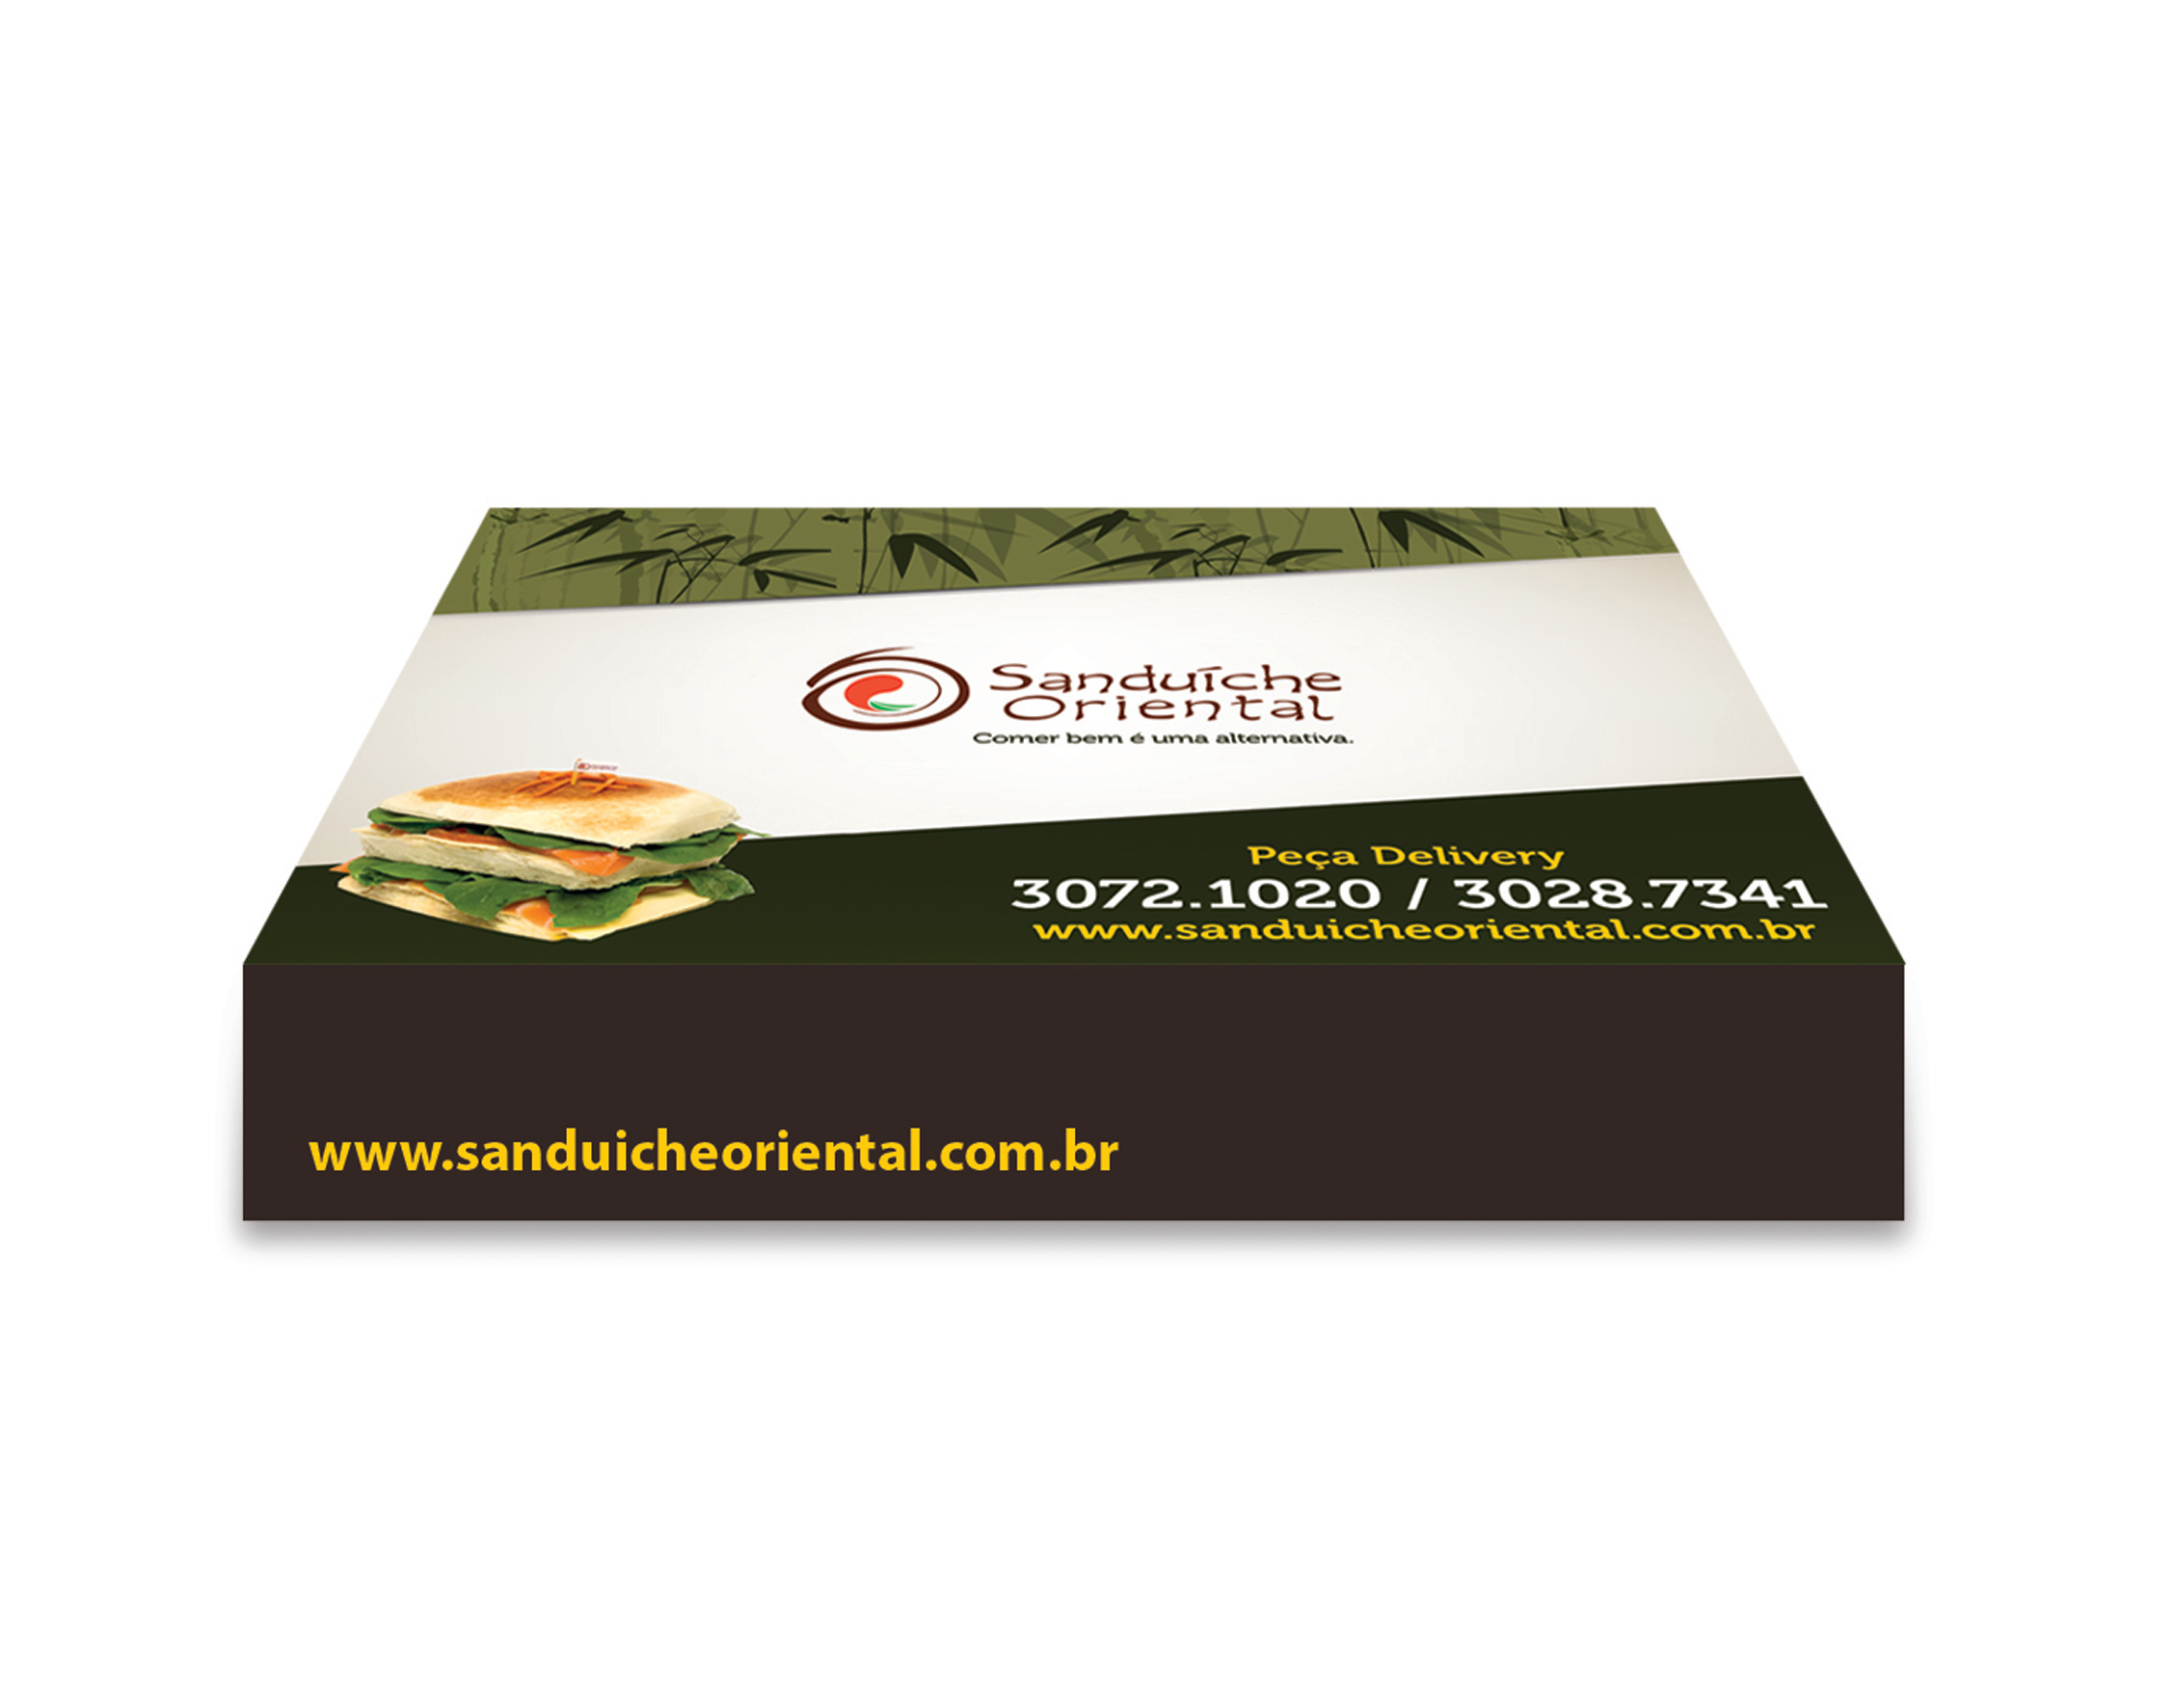 Sanduiche Oriental